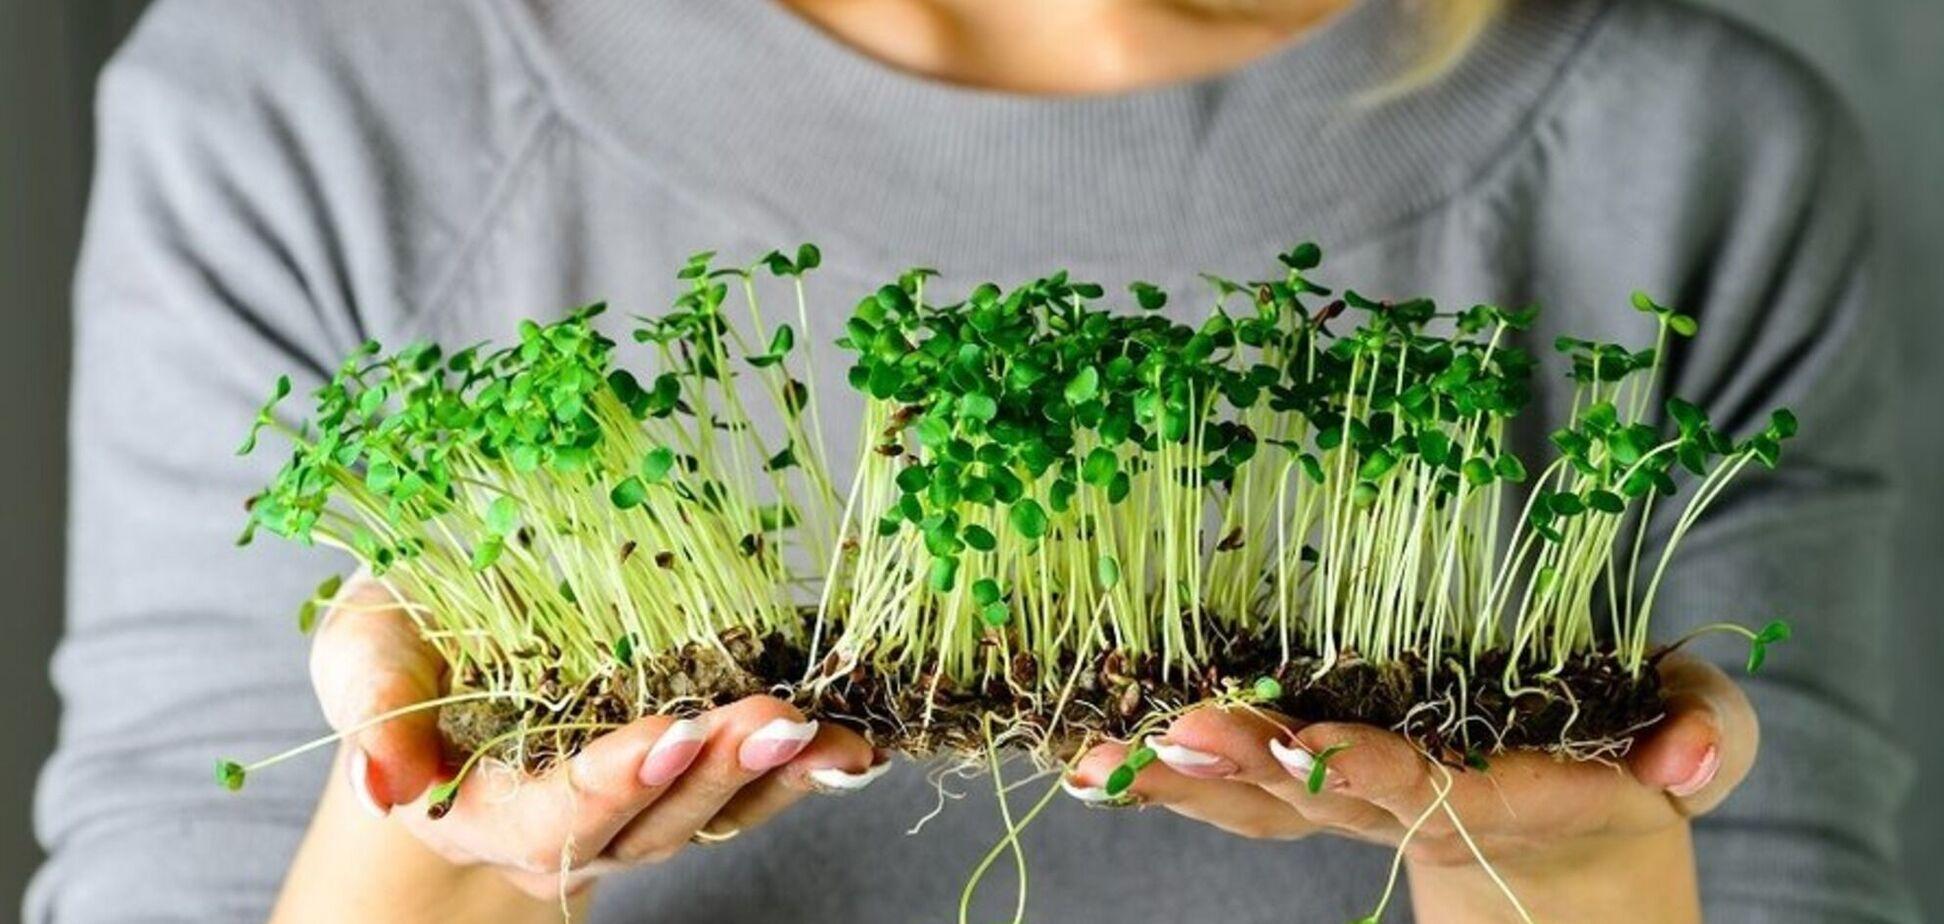 користь мікрозелені